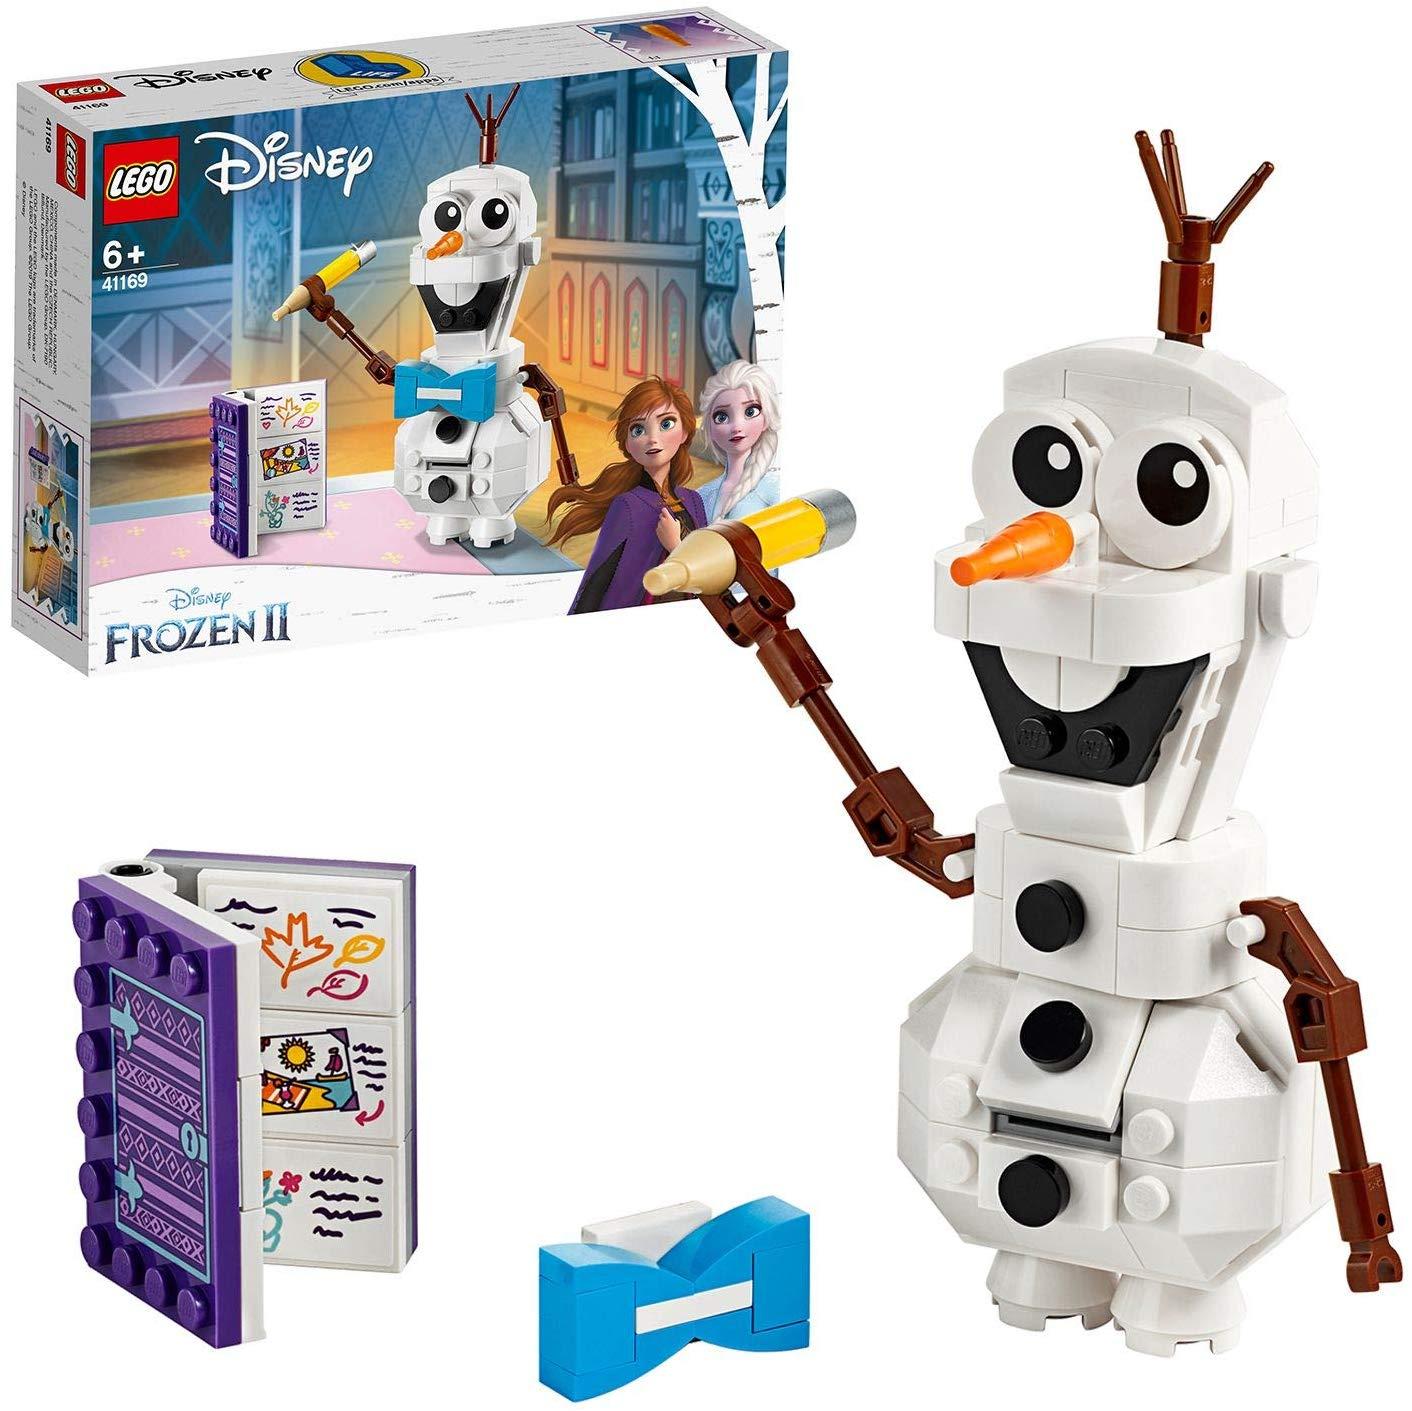 LEGO 41169 Disney Frozen II Olaf the Snowman now £8 (Prime) + £4.49 (non Prime) at Amazon